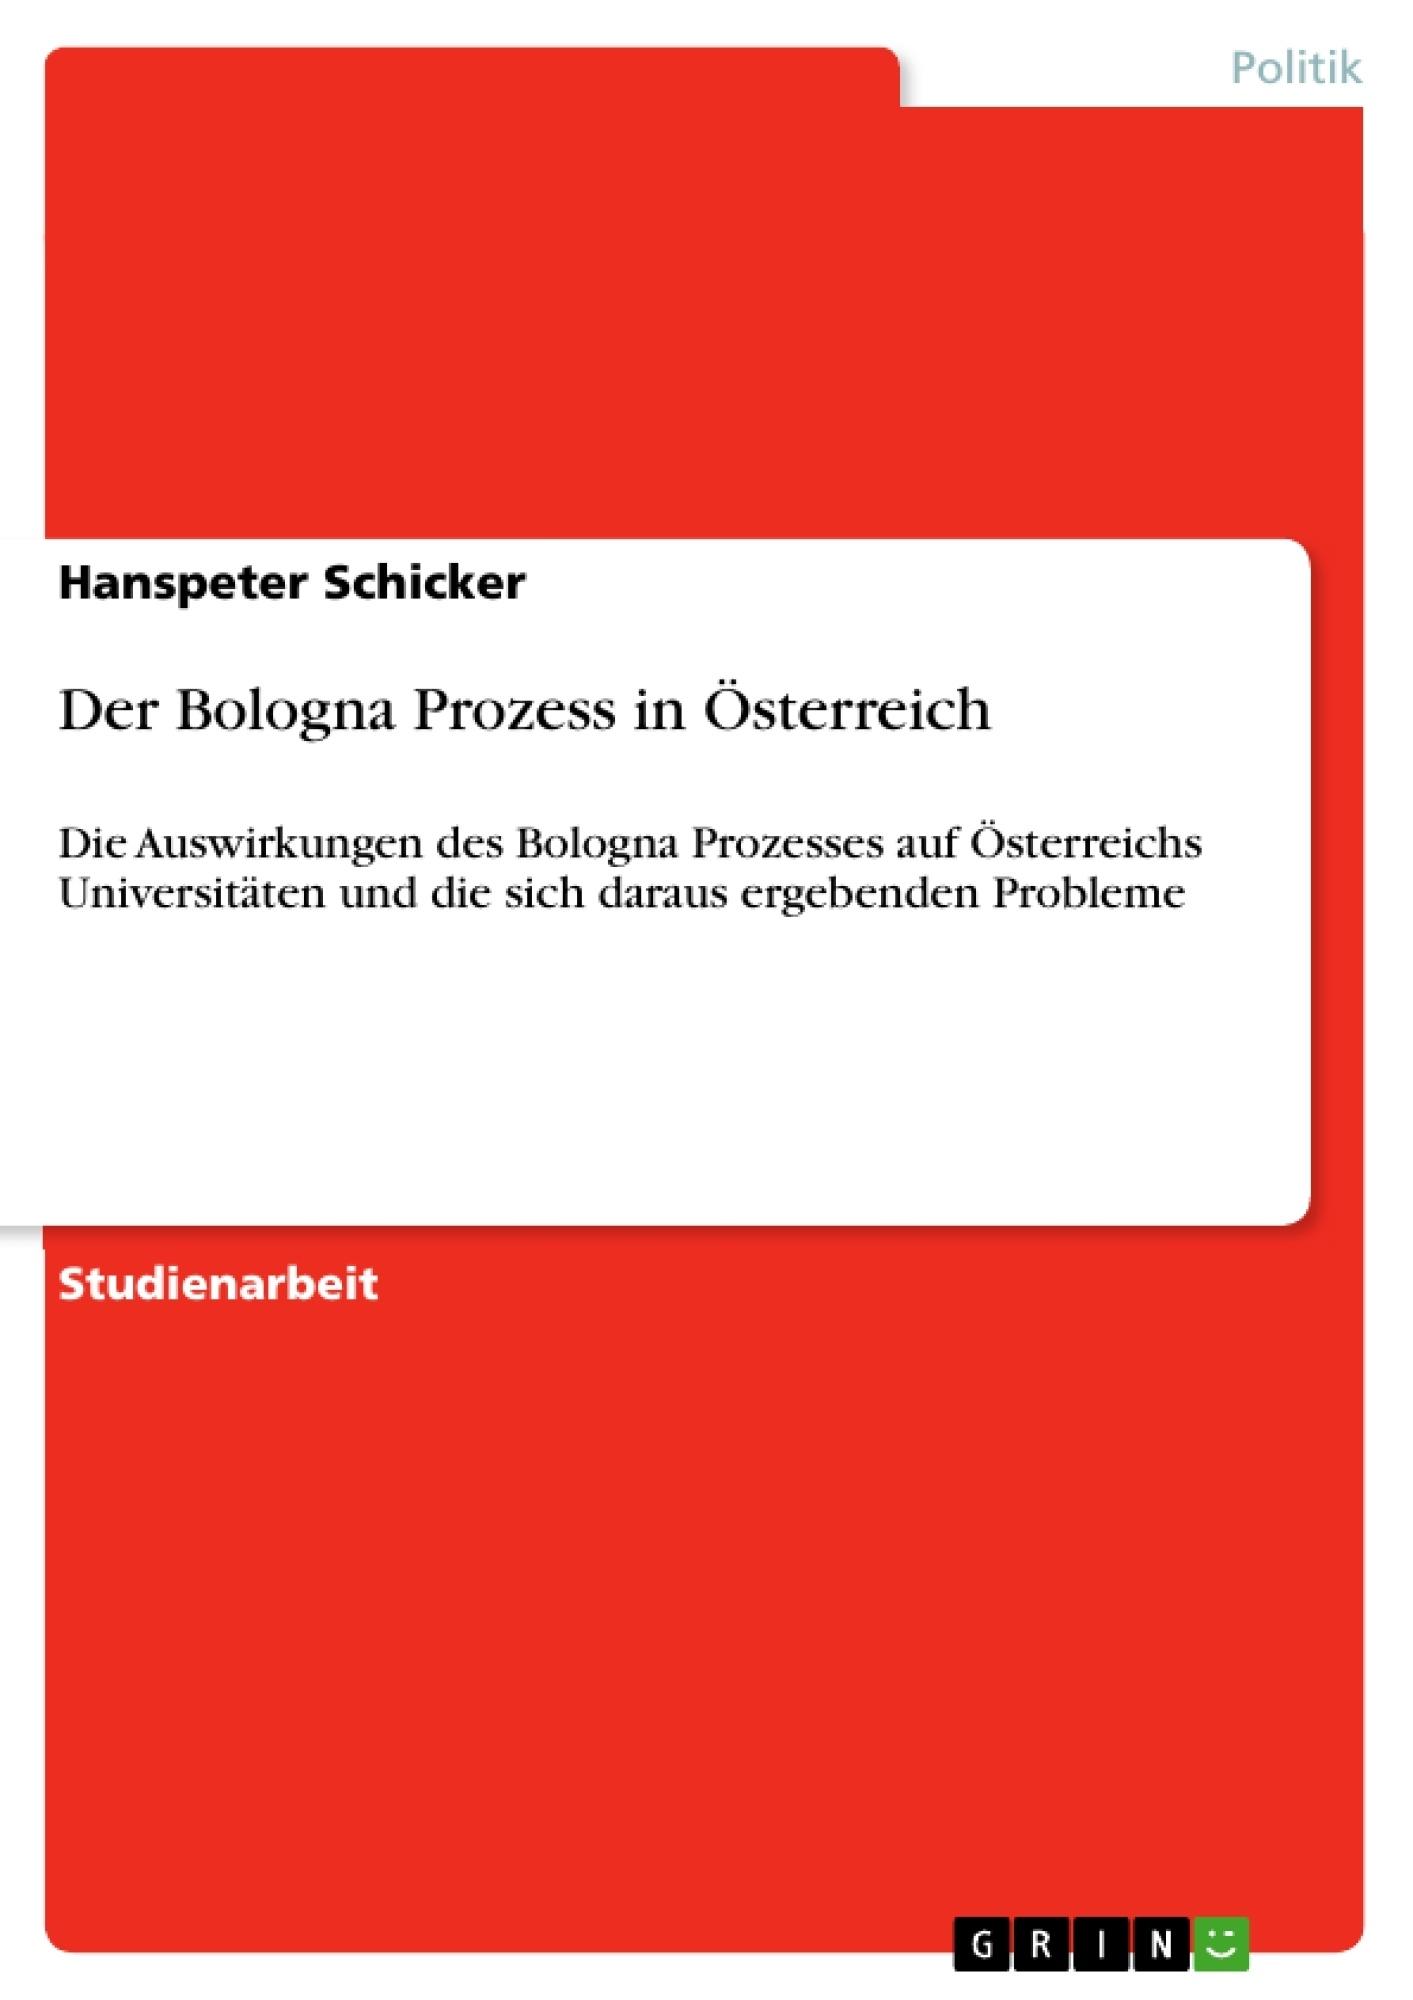 Titel: Der Bologna Prozess in Österreich